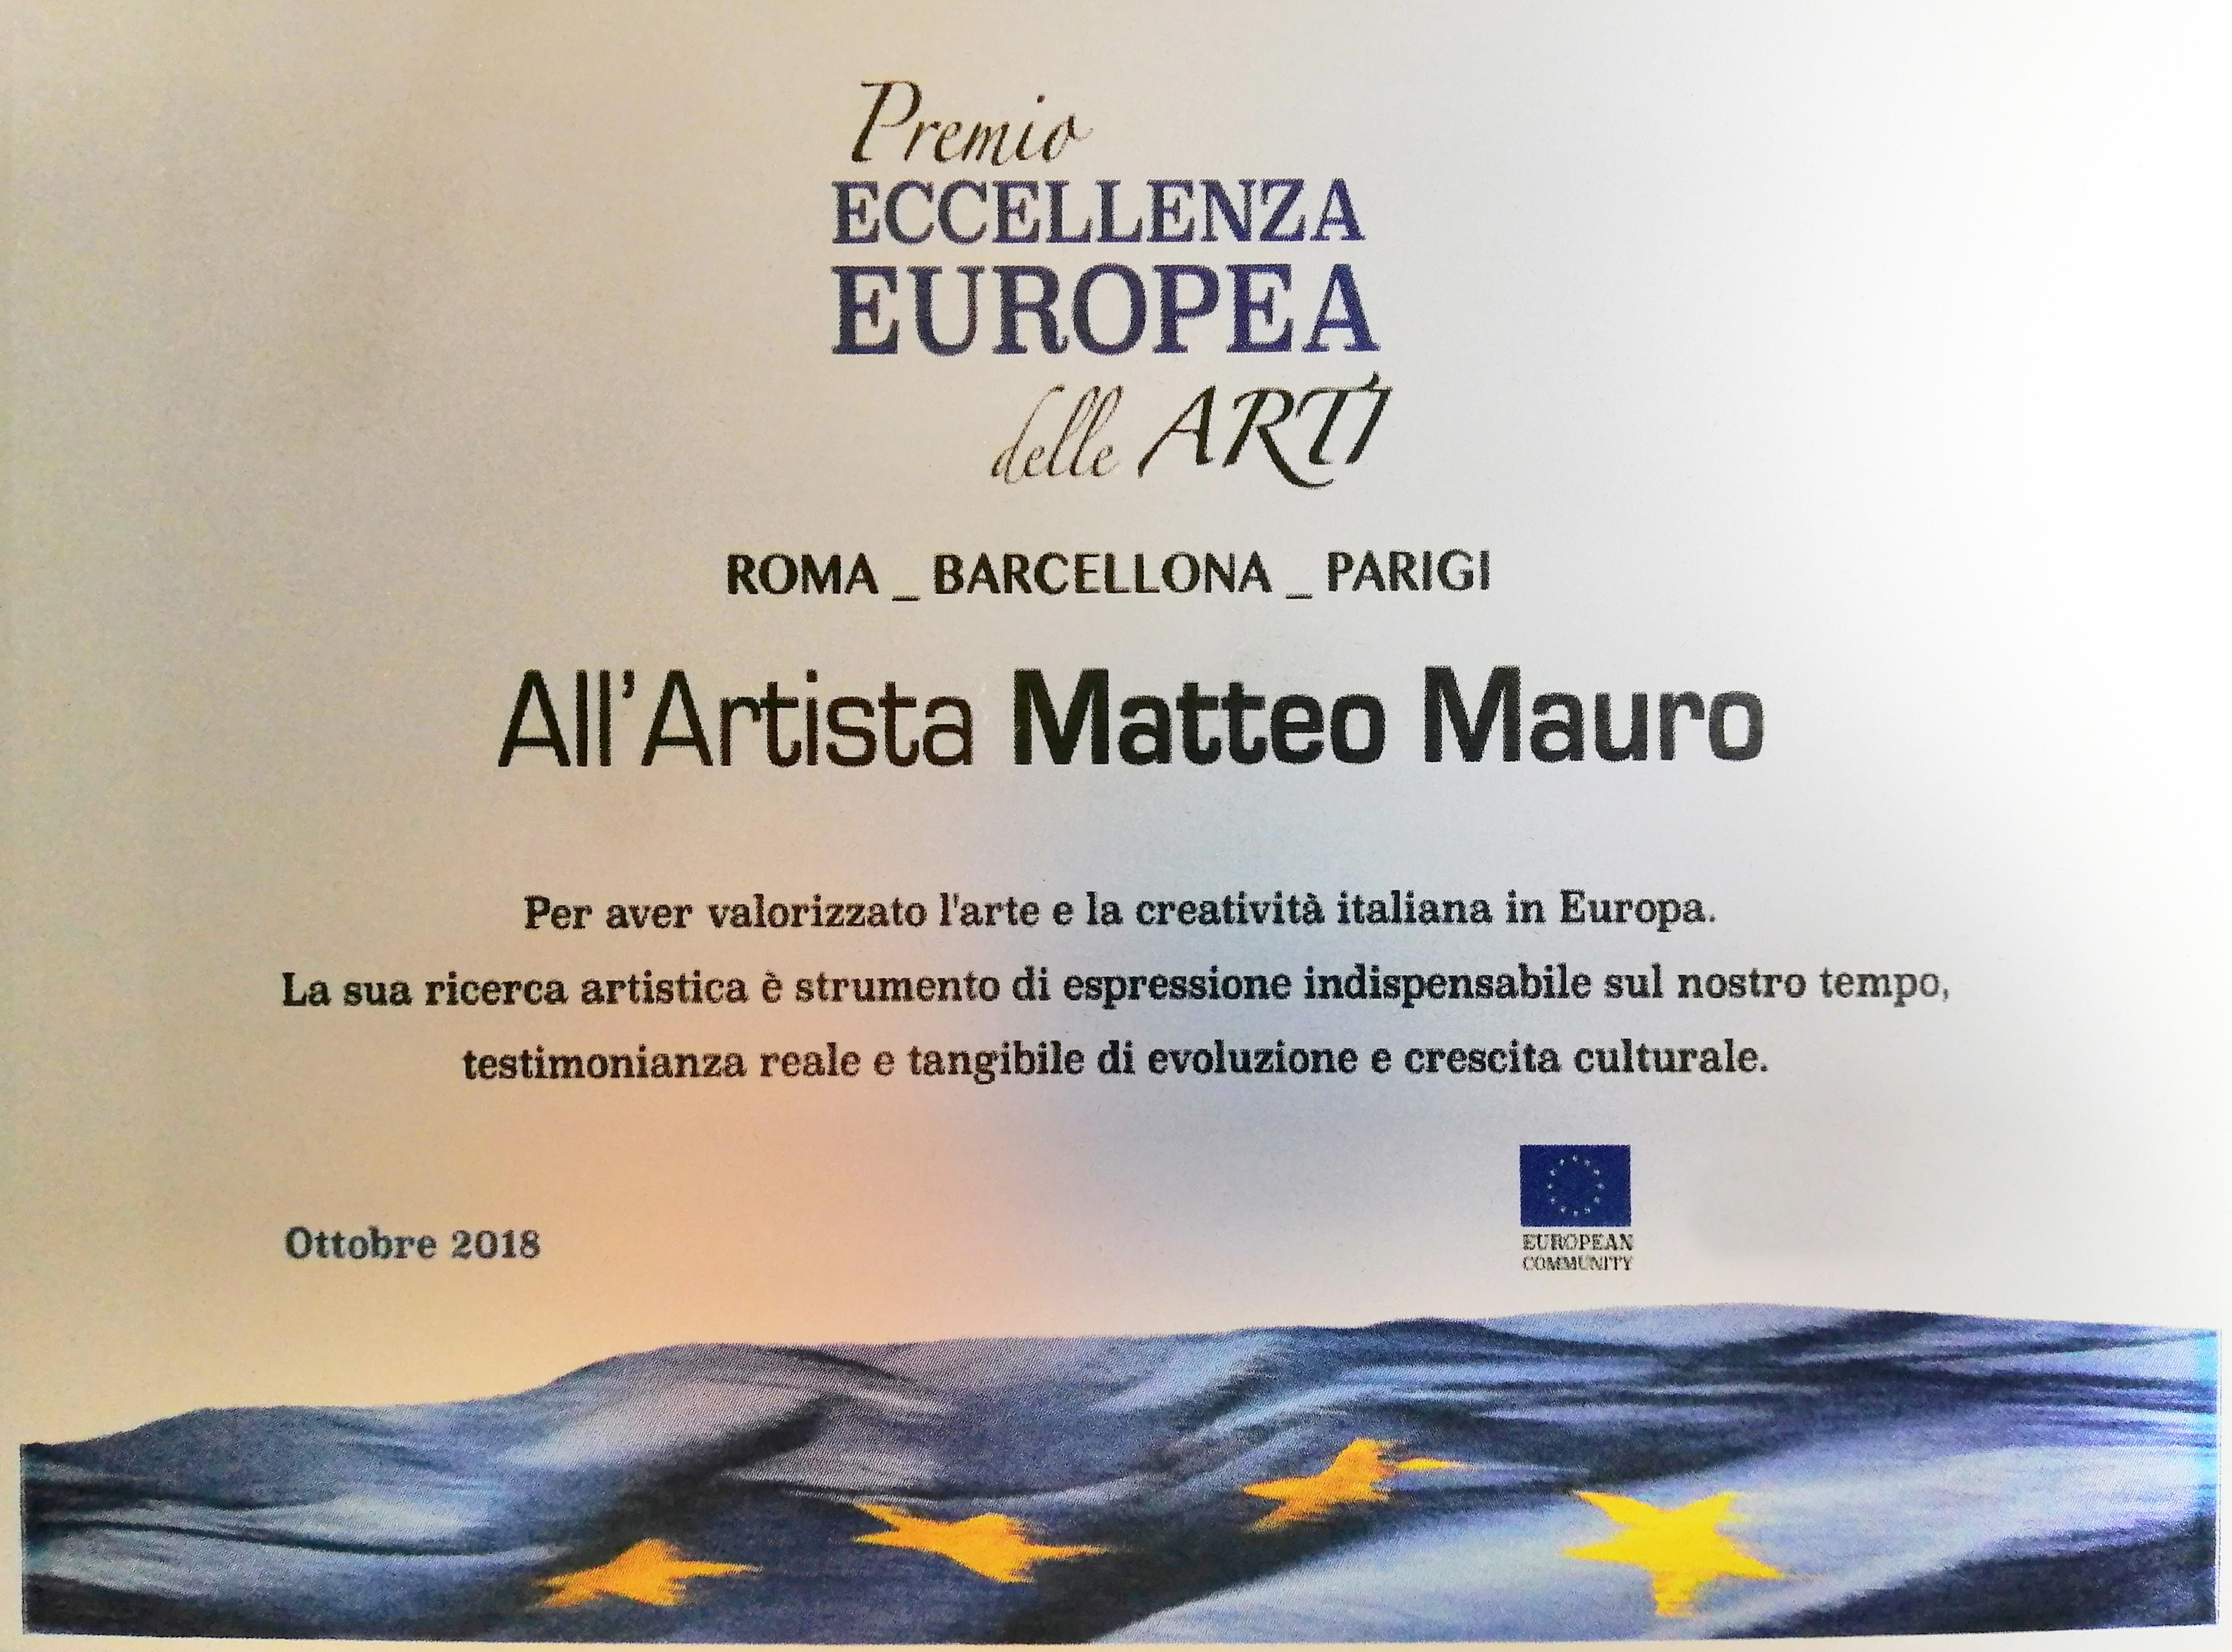 Premio All'Artista Matteo Mauro